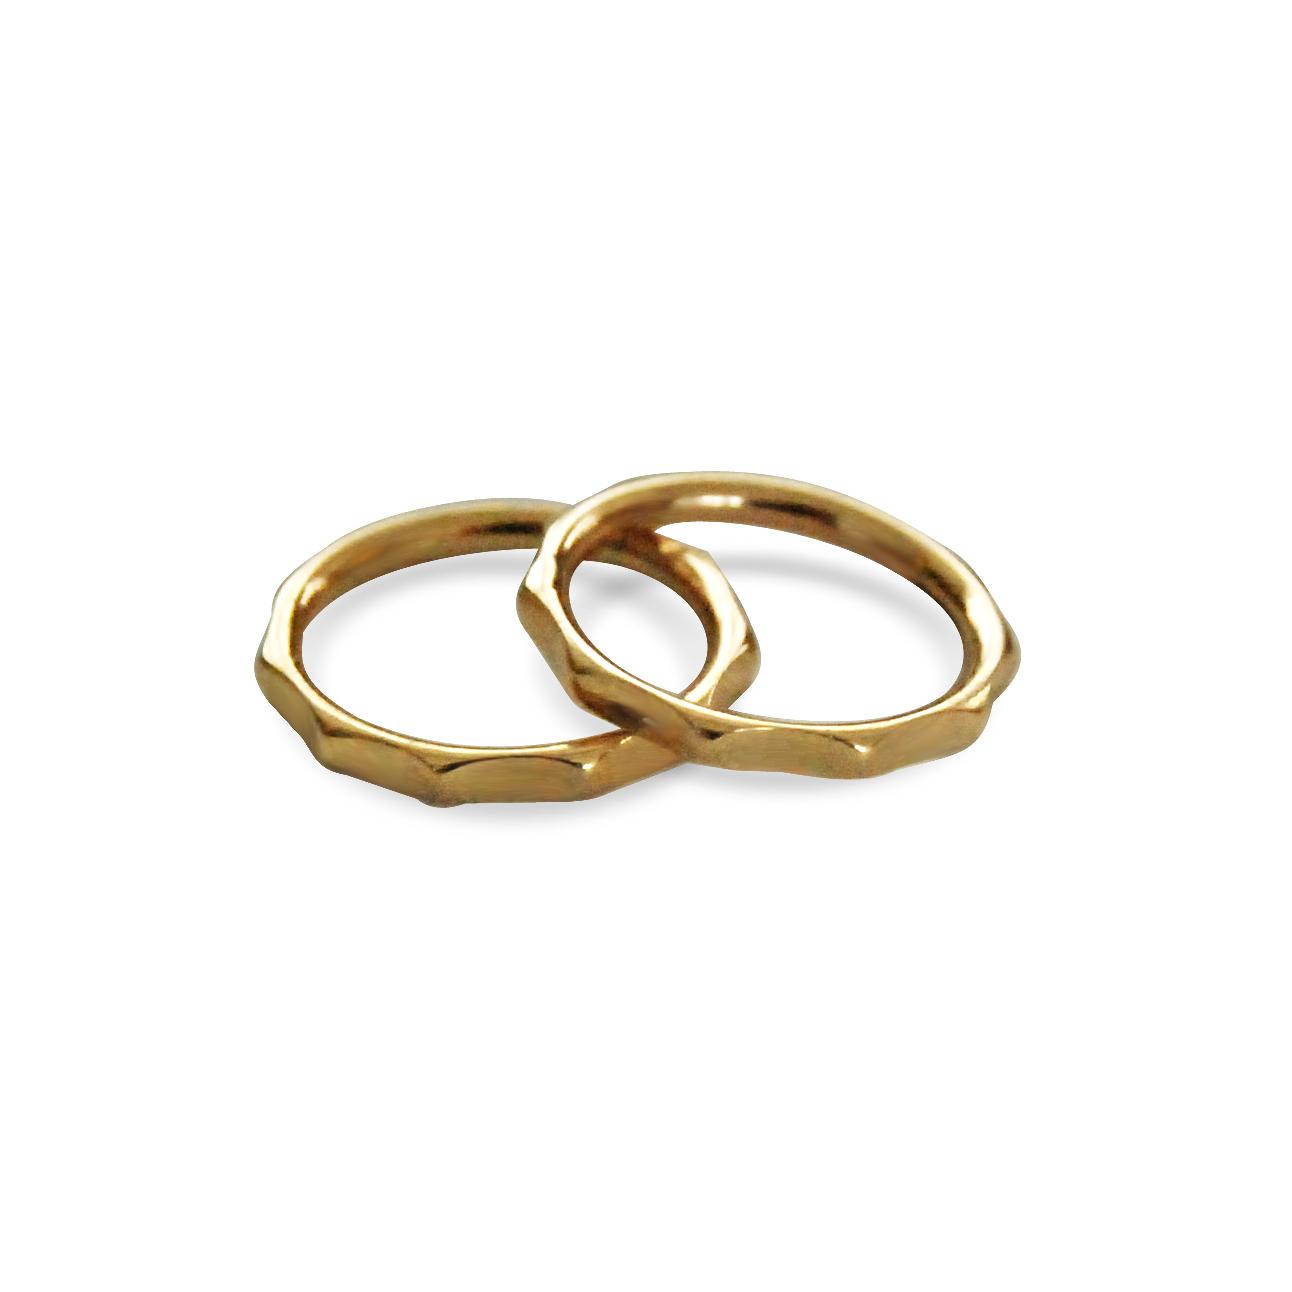 9ct-yellow-gold-stacking-rings-2.jpg